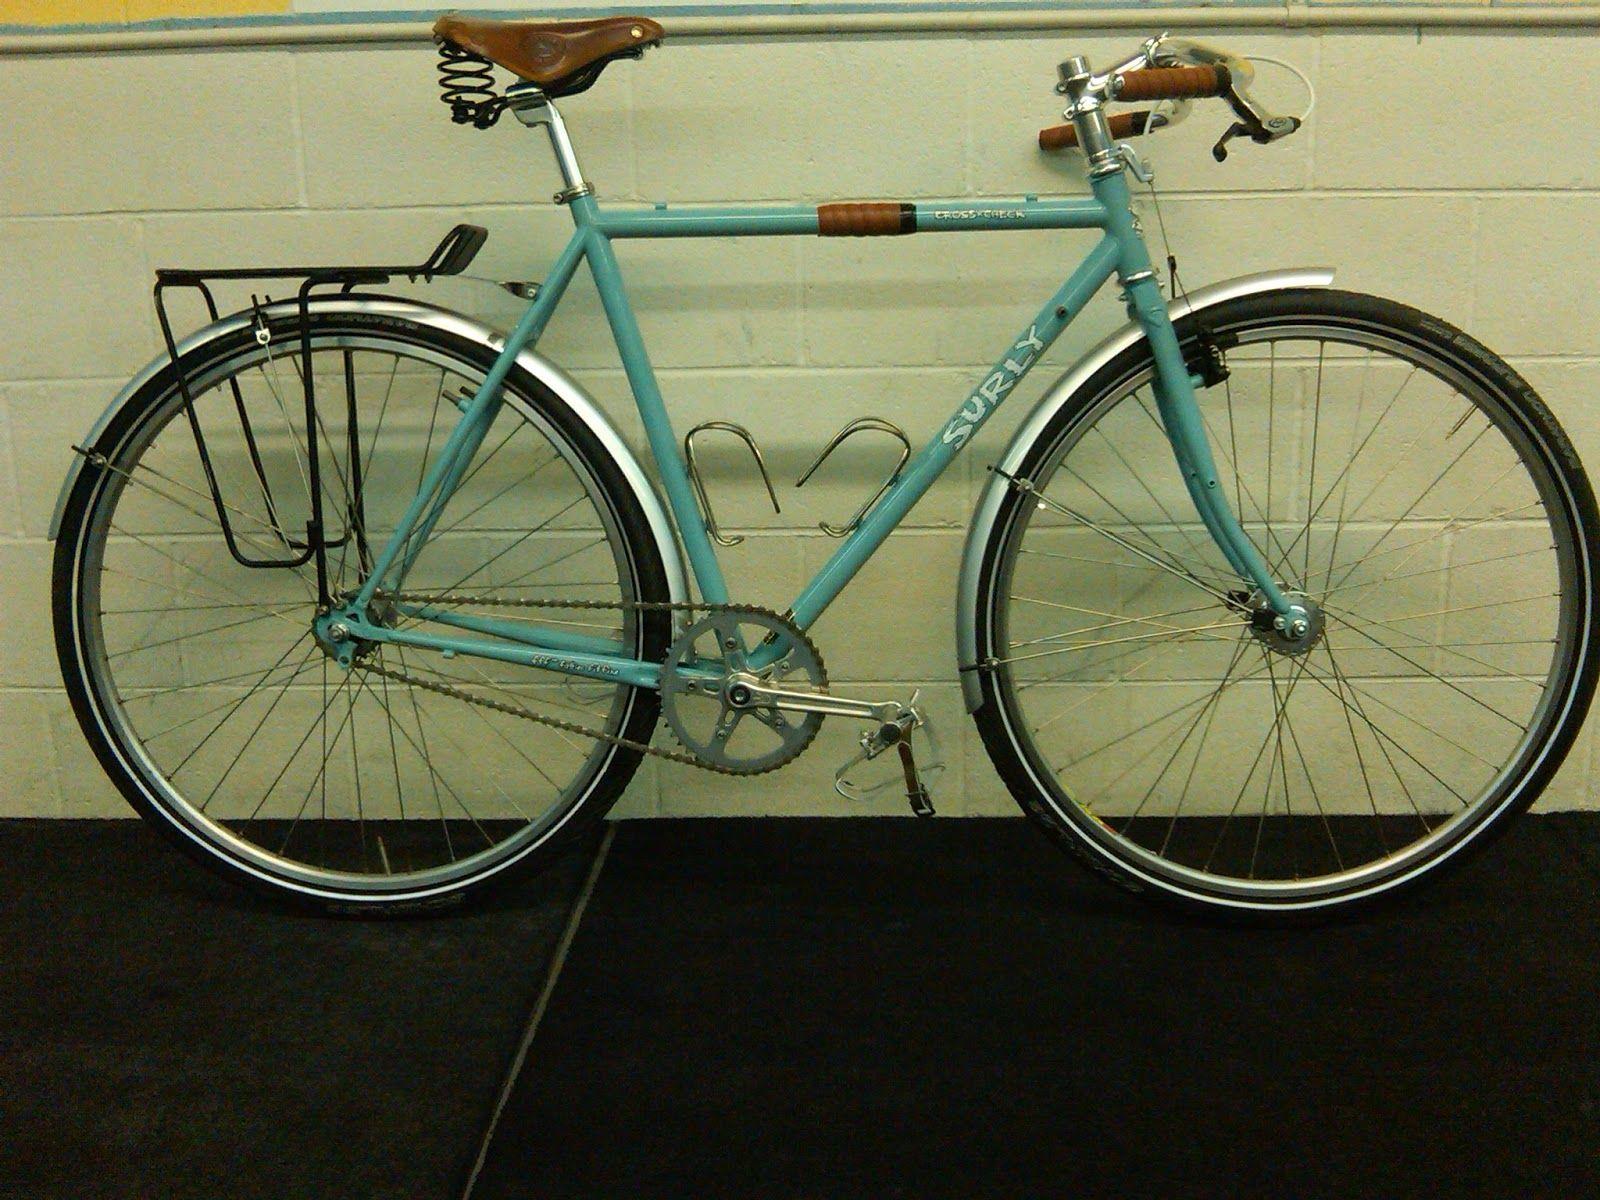 I like bikes: Another bike quandary